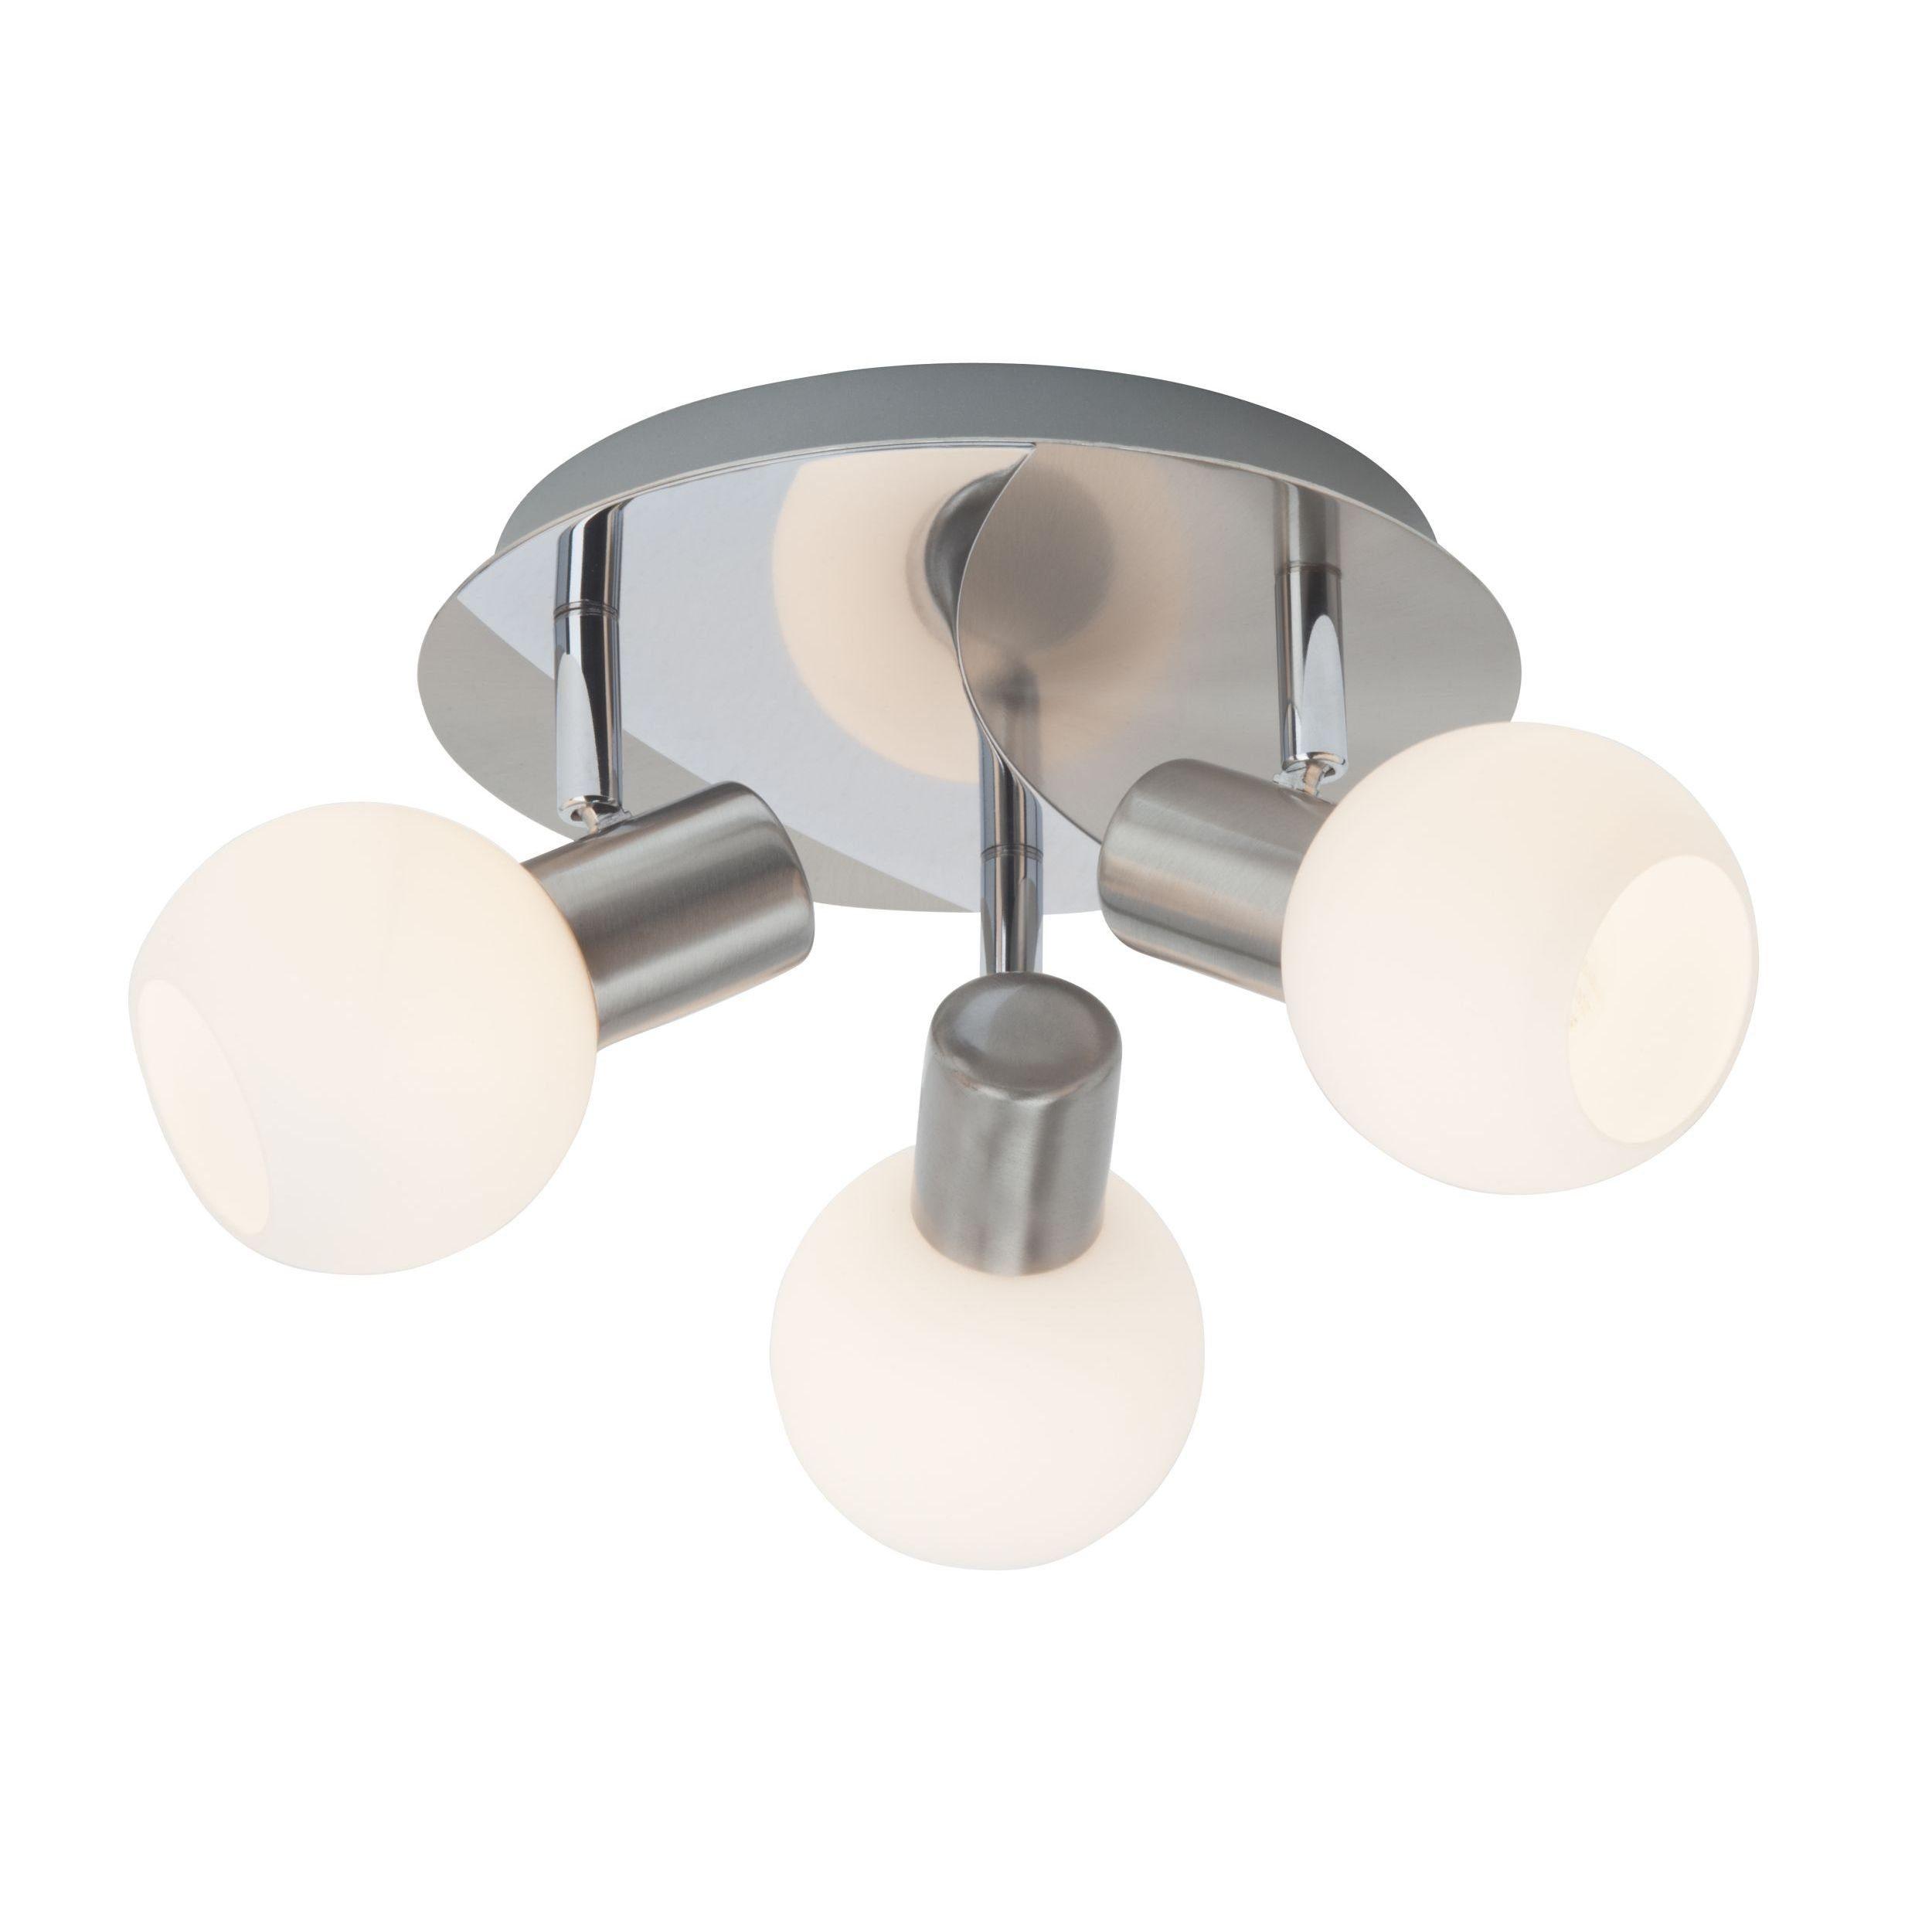 Brilliant Leuchten Tiara Spotrondell, 3-flammig eisen/weiß